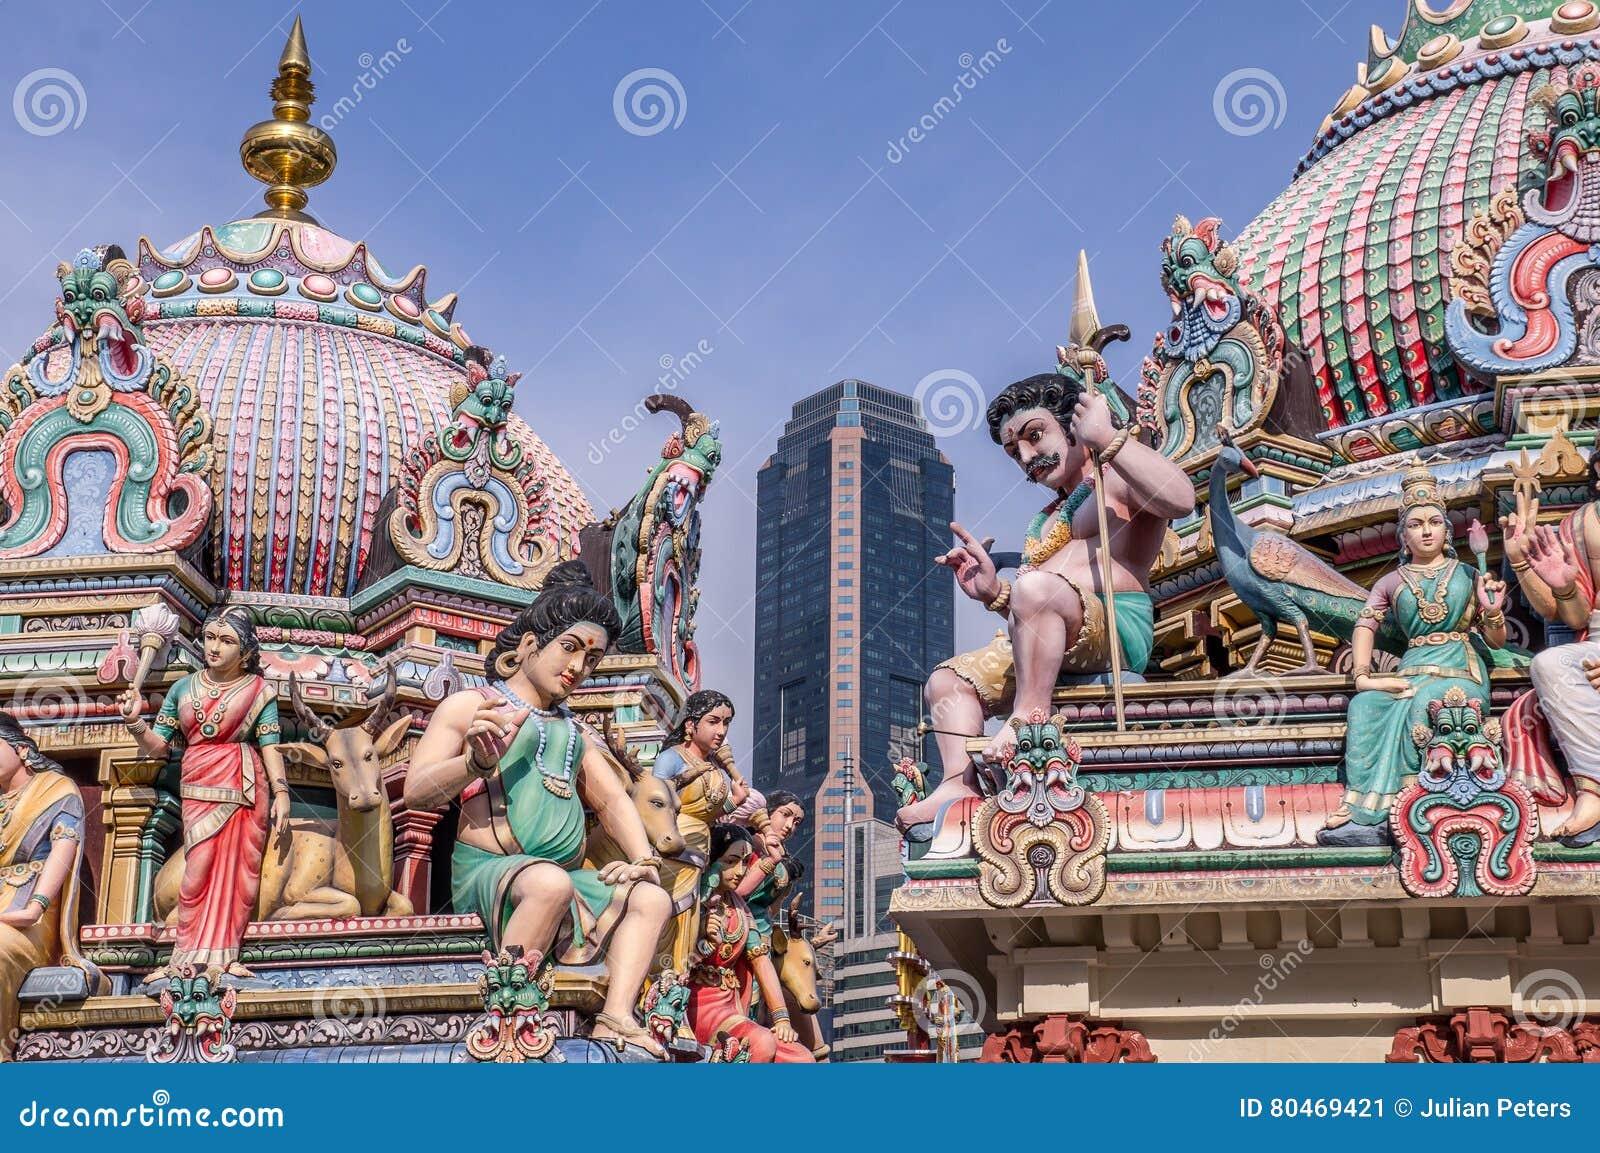 Hindischer Tempel in Singapur mit Wolkenkratzer